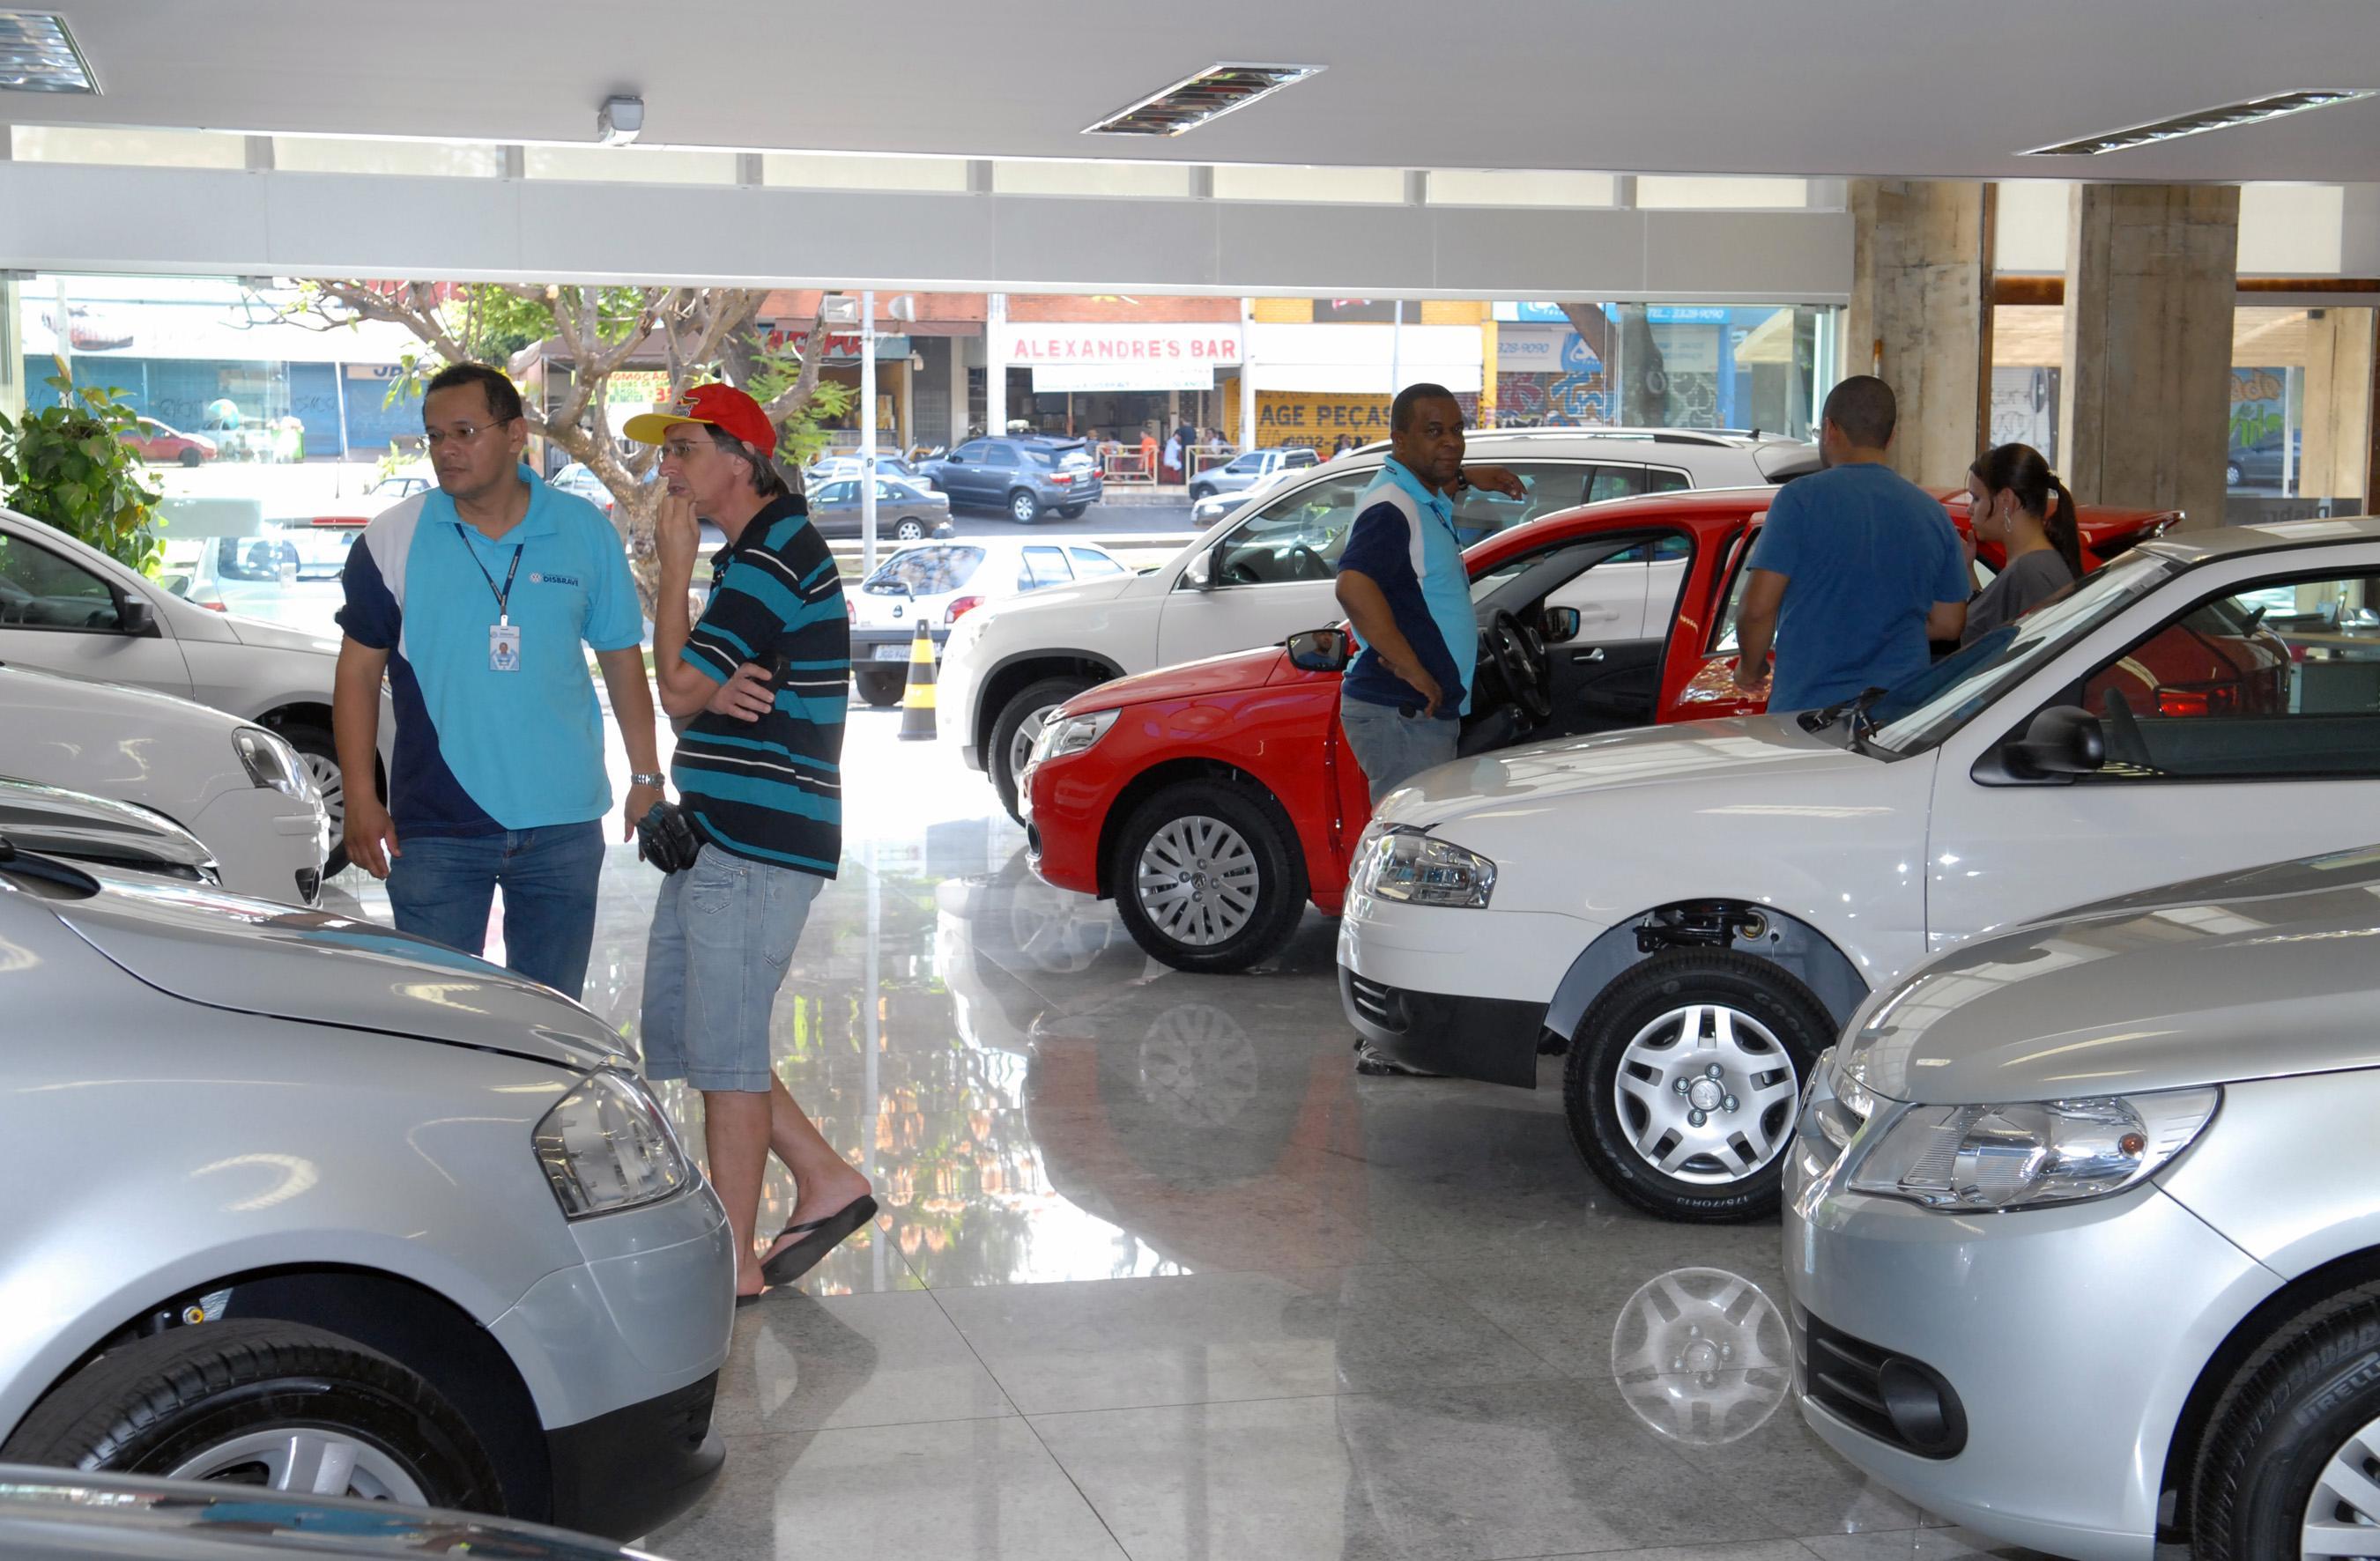 concessionaria de carro em brasilia Concessionárias de Carros em Brasília